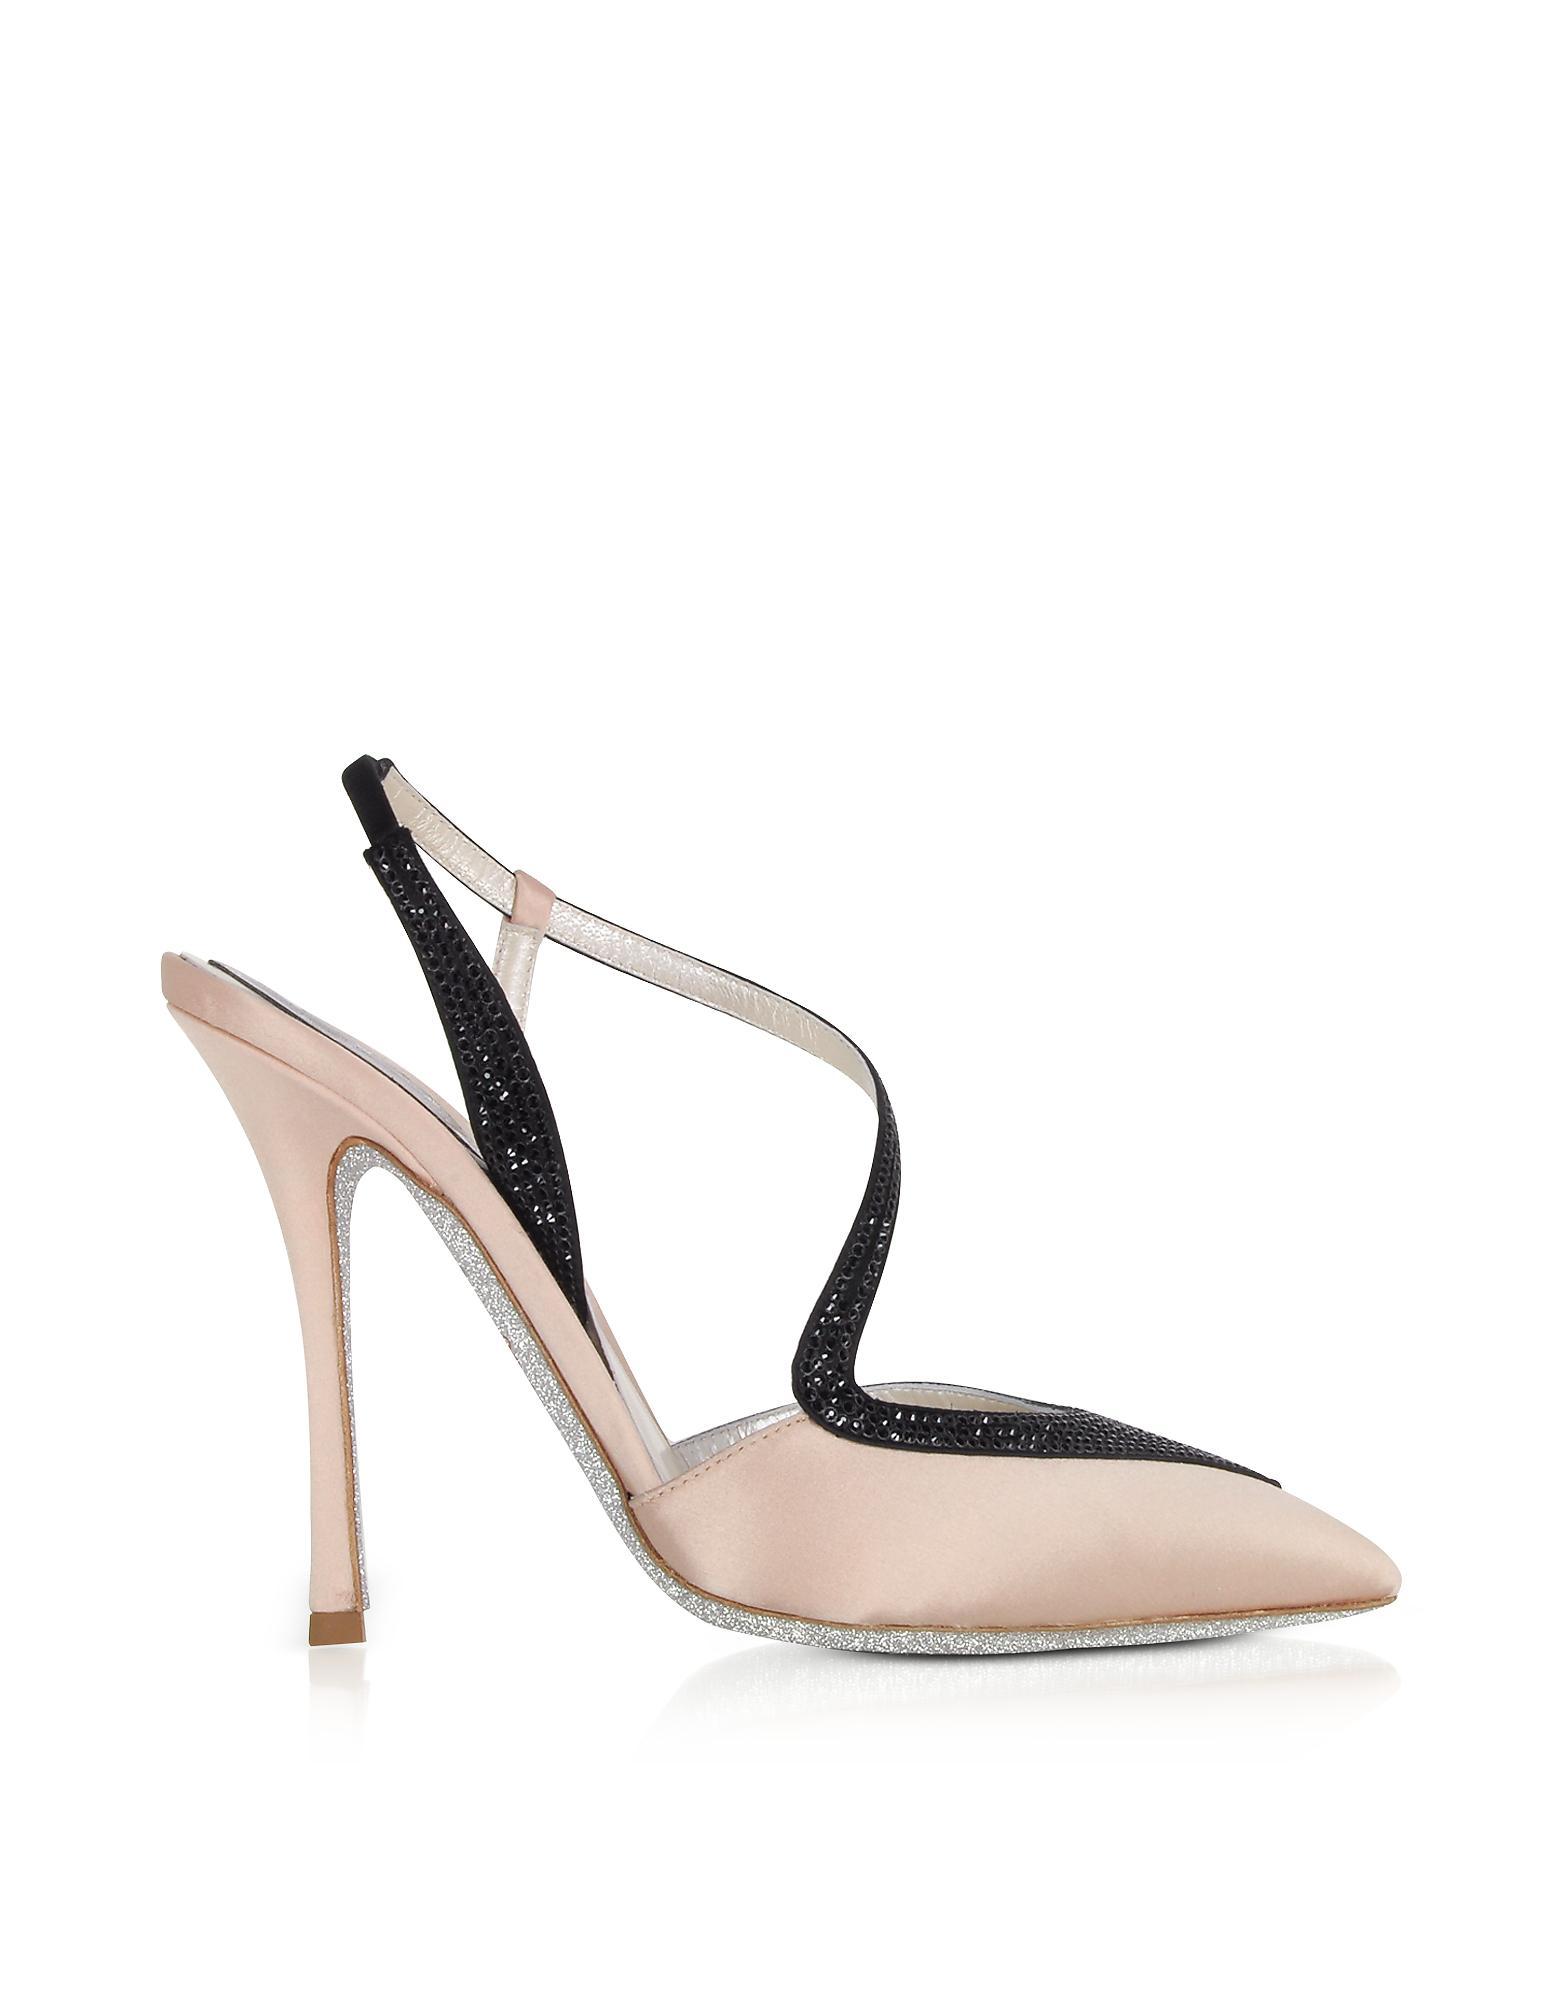 RENé CAOVILLA Designer Shoes, Amanda Nude Satin Slingback Pumps w/ Crystals